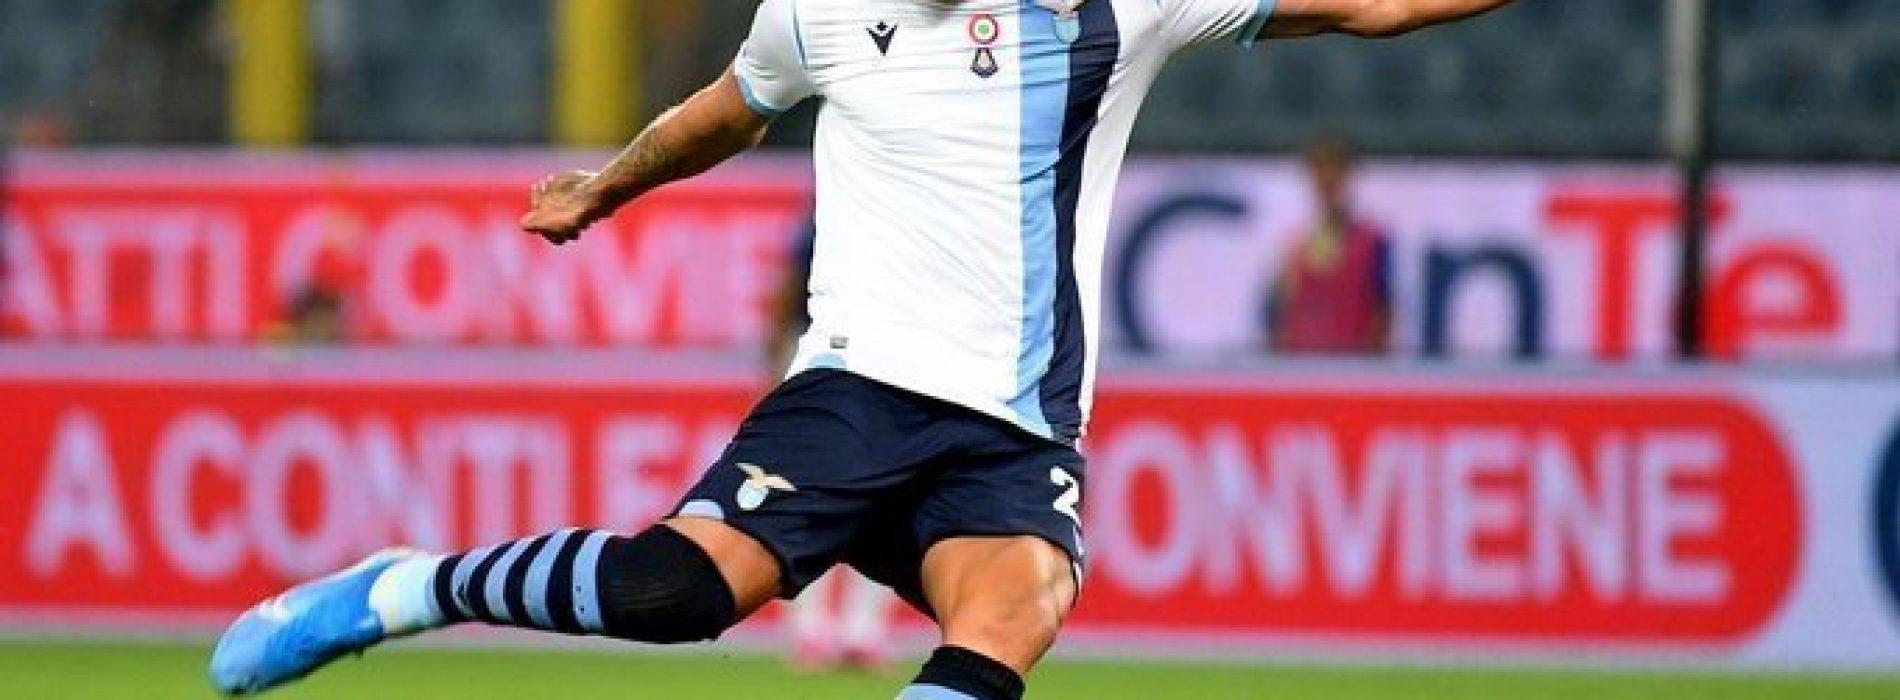 Lazio, Milinkovic-Savic ha già firmato il rinnovo fino al 2024